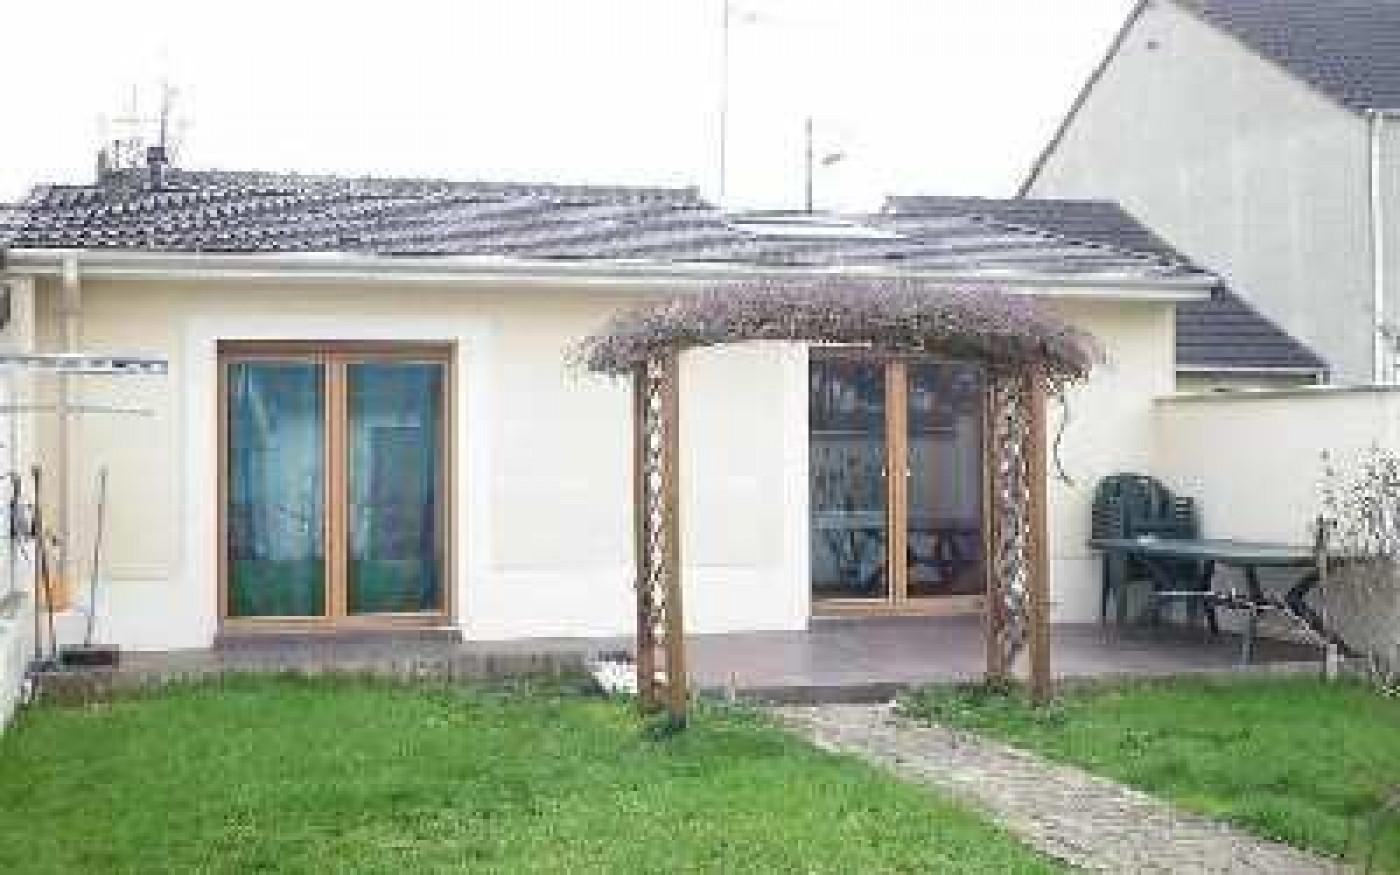 A vendre  Sevran | Réf 93001559 - Casa immobilier